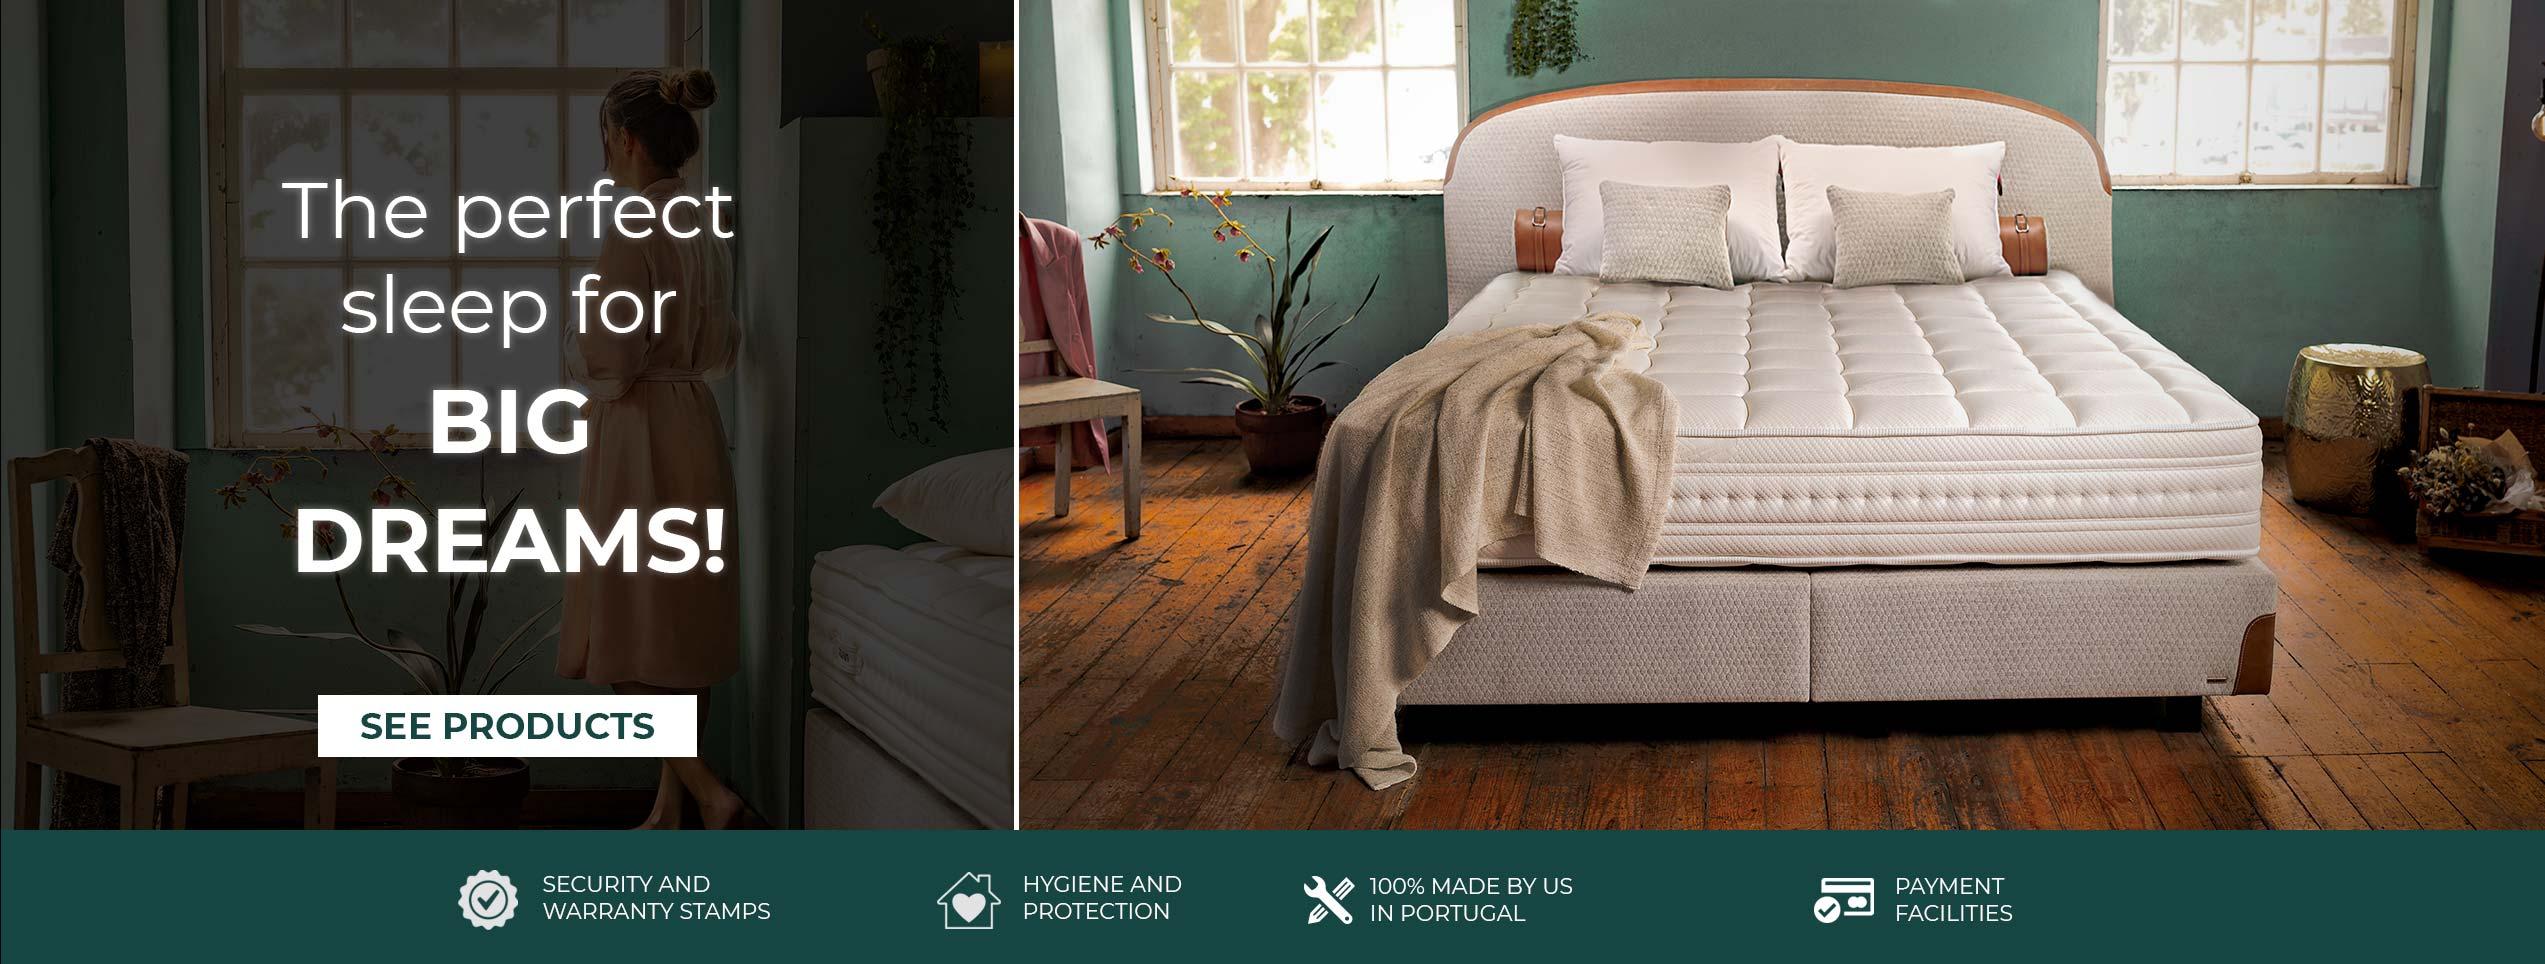 colunex Home EN colunex sleep products